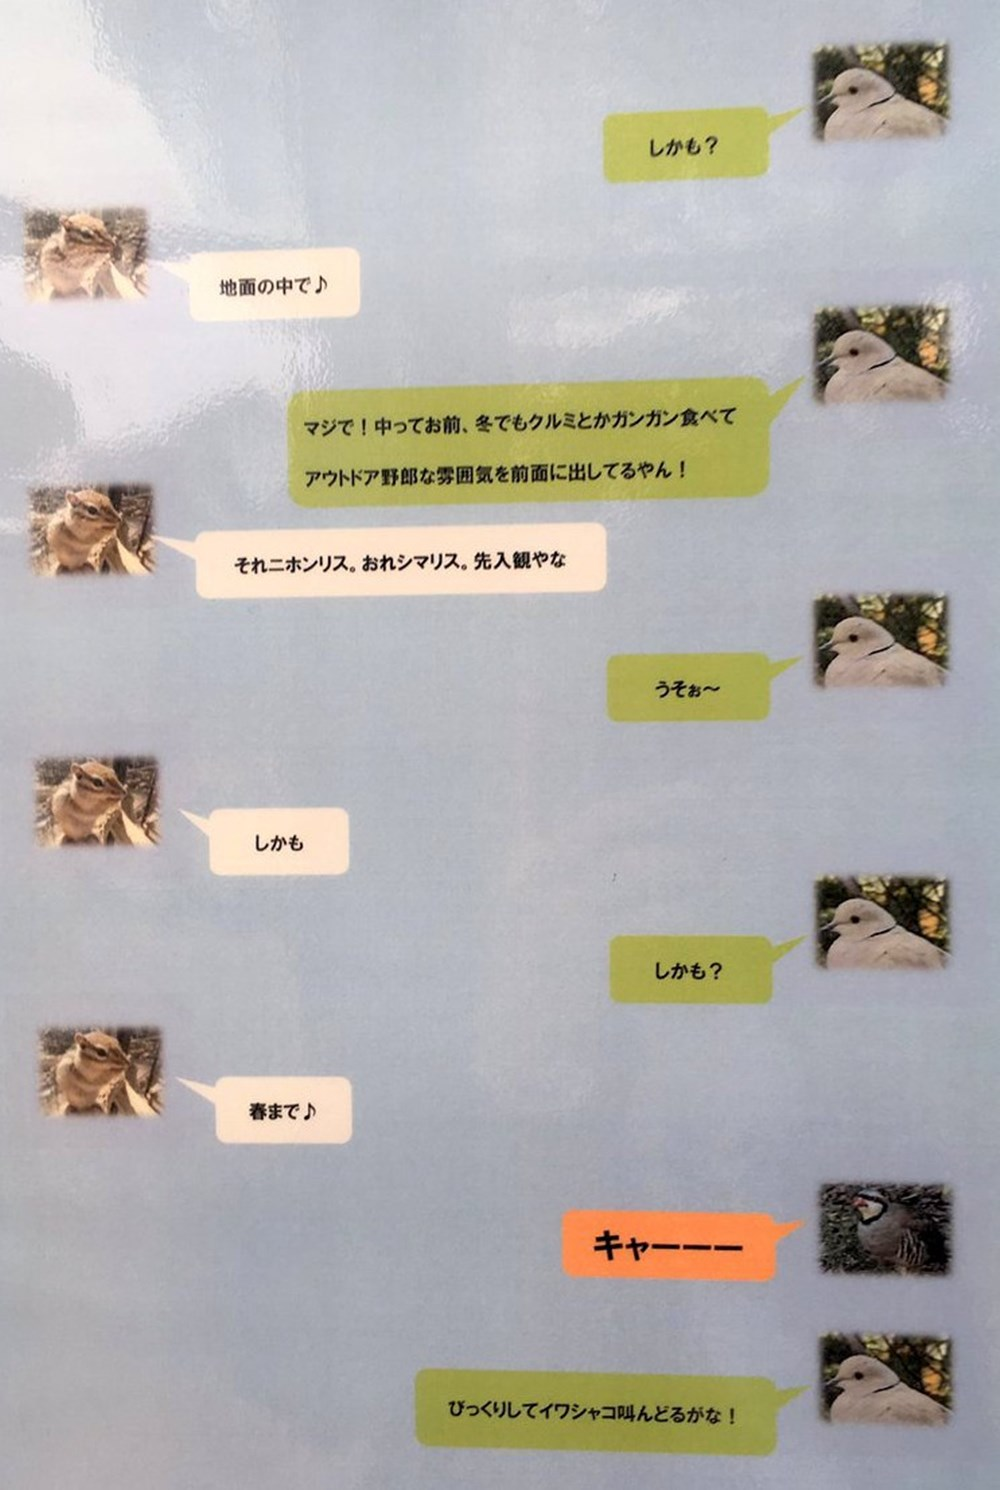 【ドロドロの家系図に、めっちゃ逃げるリス】 神戸王子動物園が遊び心に溢れてる